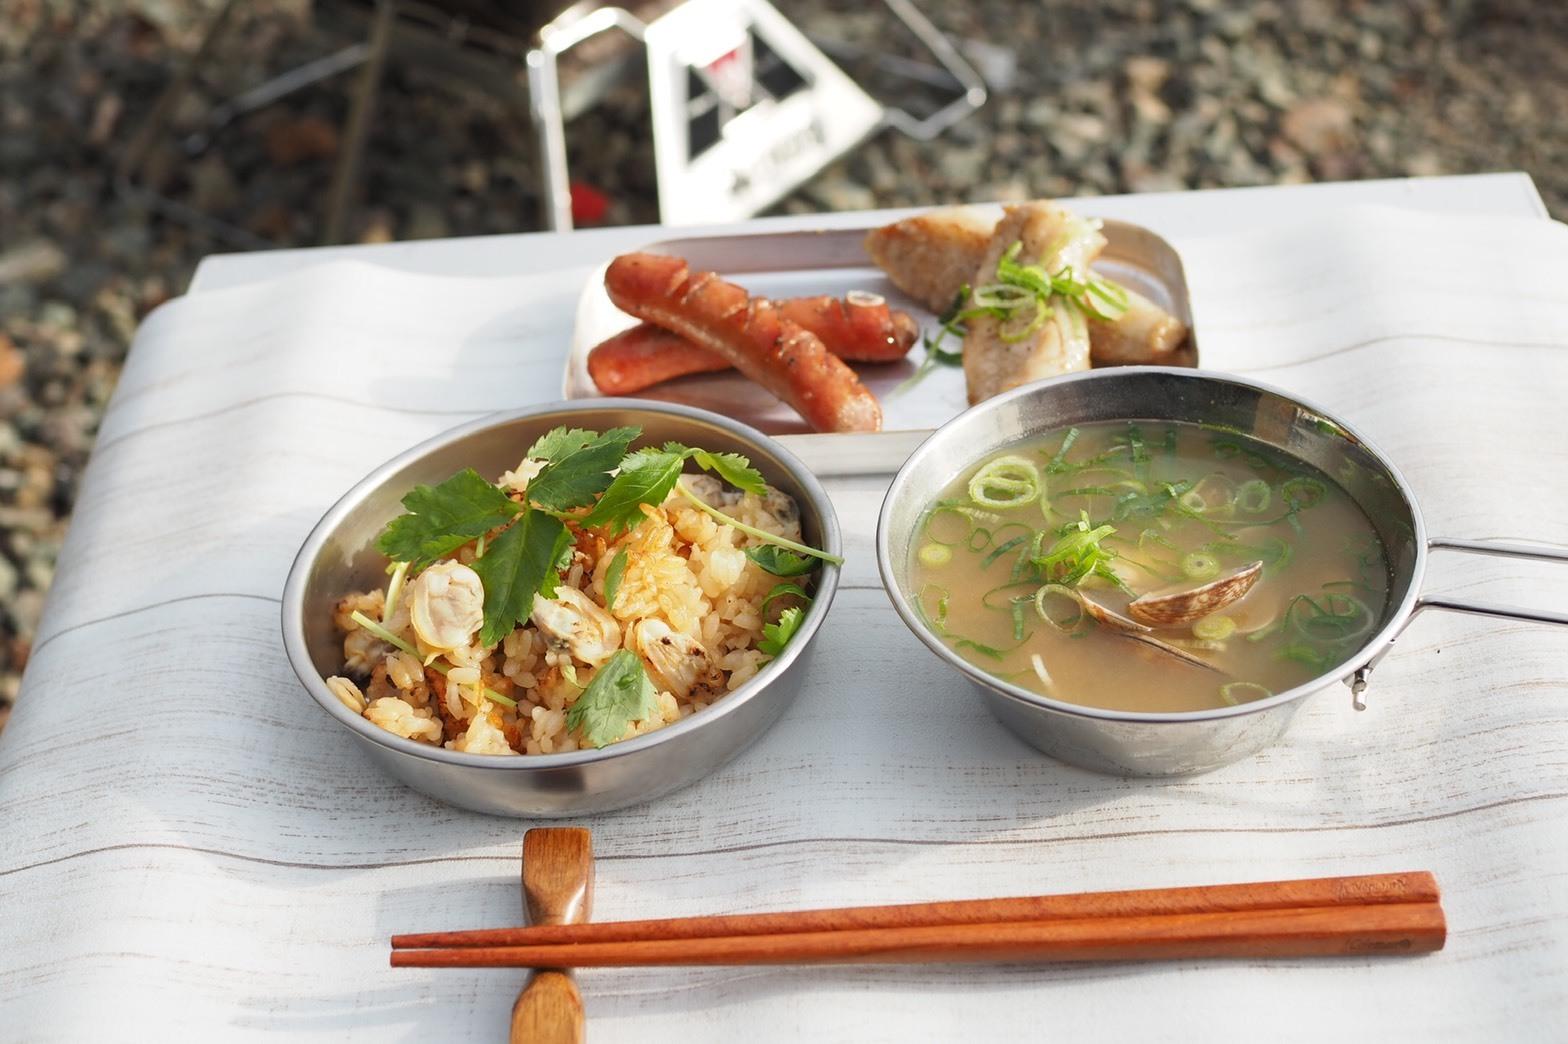 ぴーきちハーレーブログ キャンプ飯 メスティン あさりご飯 あさりの味噌汁 ウィンナー